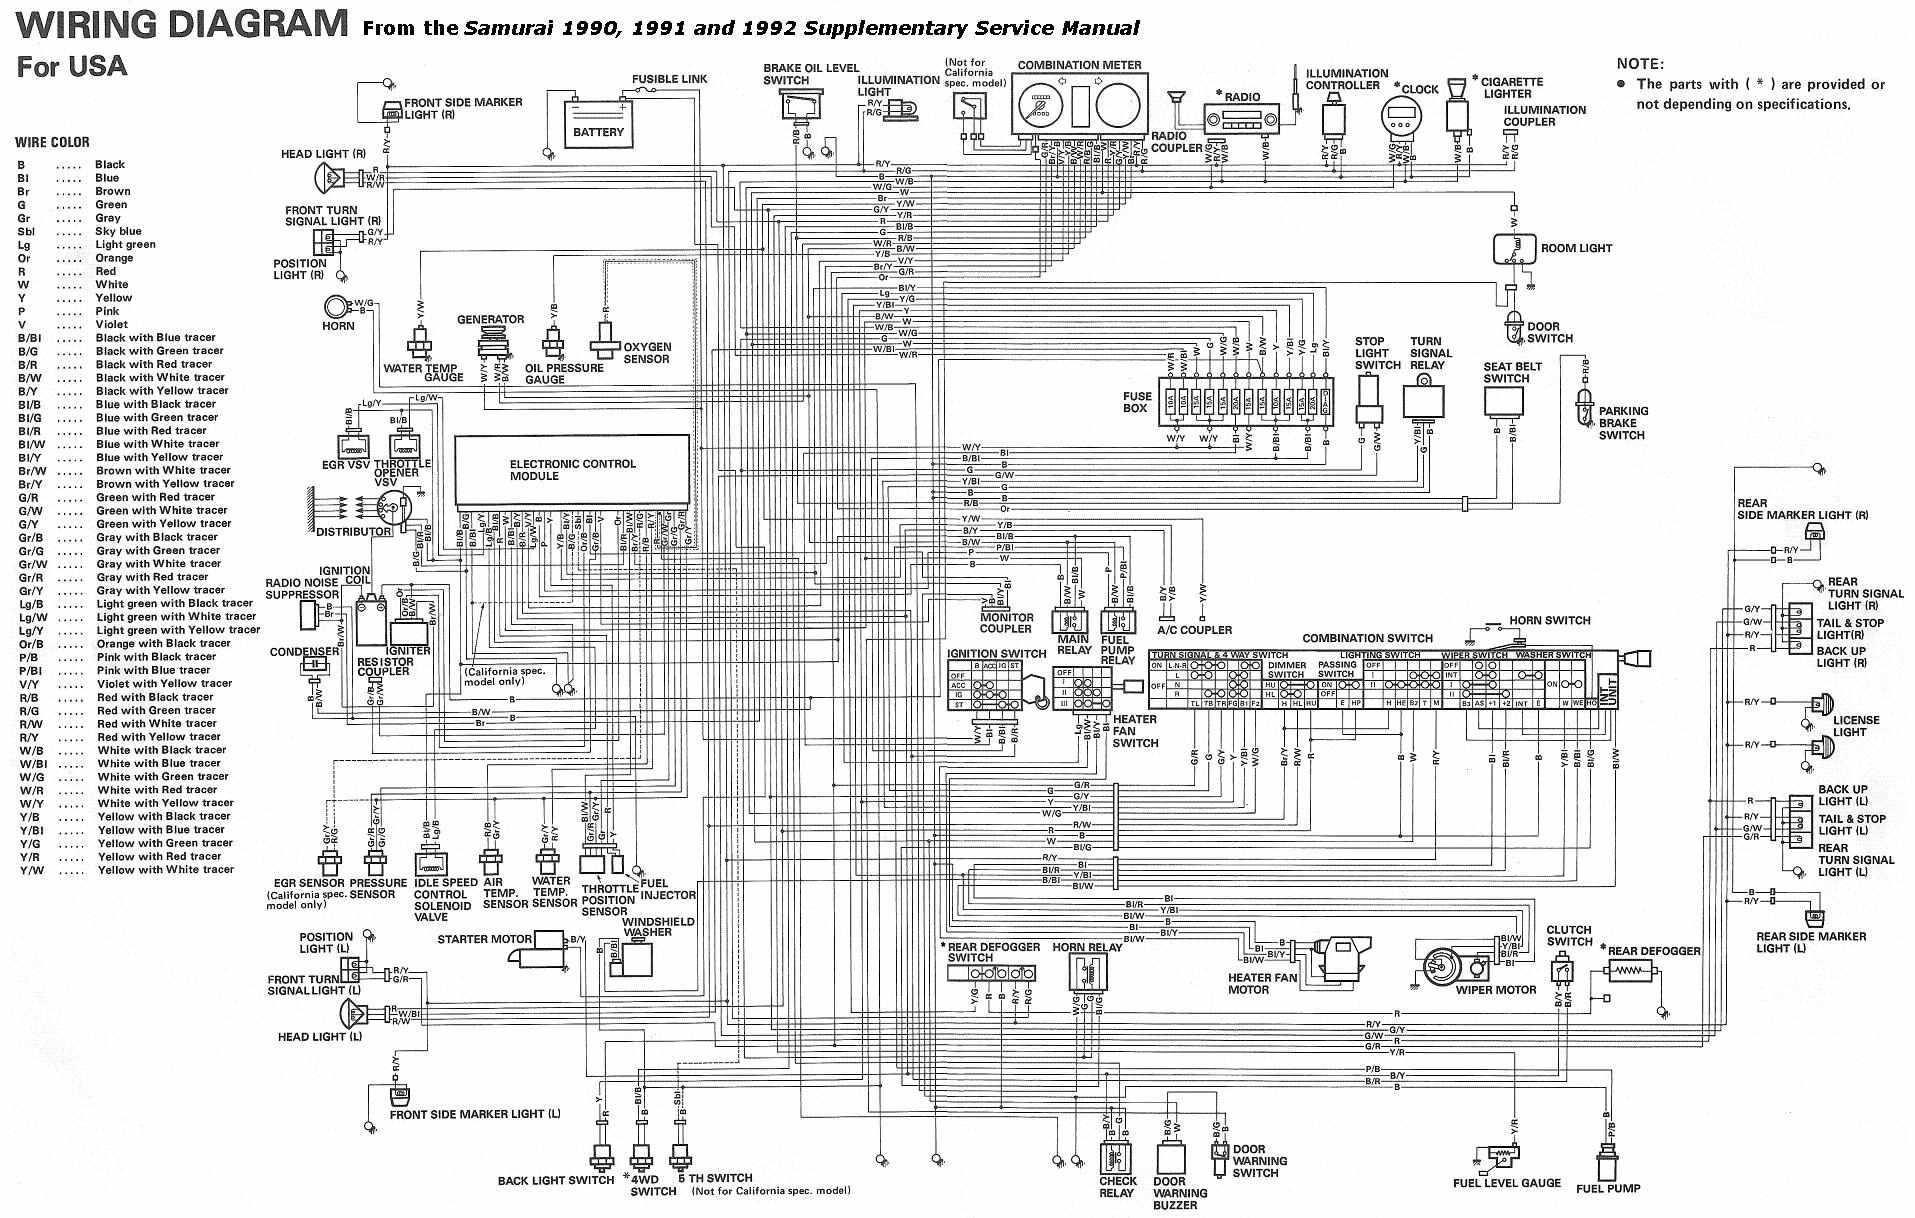 hight resolution of suzuki gn400 wiring diagram suzuki sv650 wiring diagram suzuki motorcycle wiring diagrams suzuki sv650 fuel relay